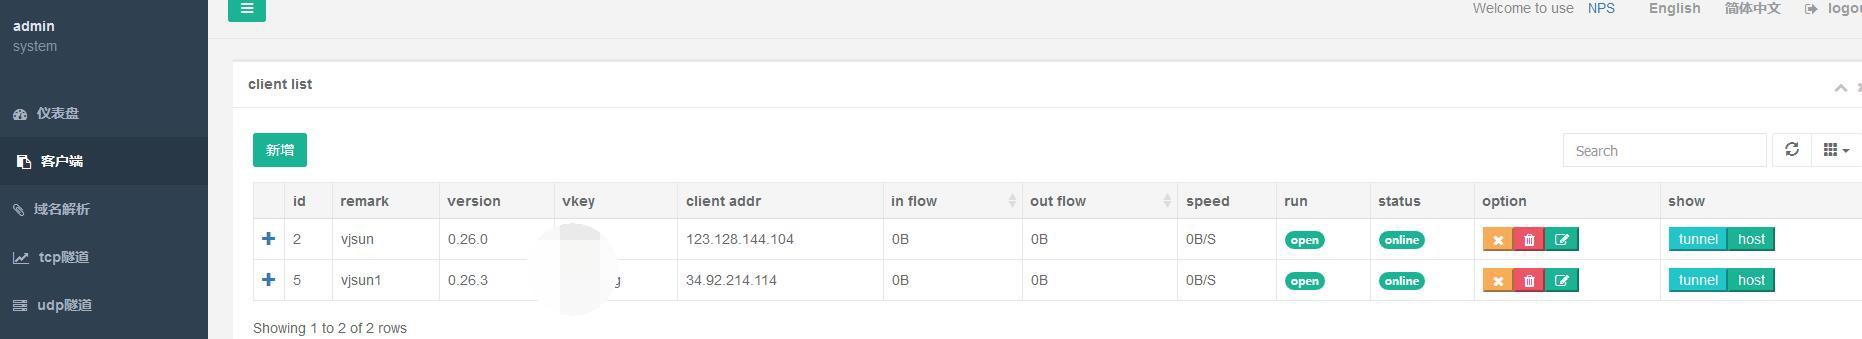 软路由openwrt之nps内网穿透插件服务